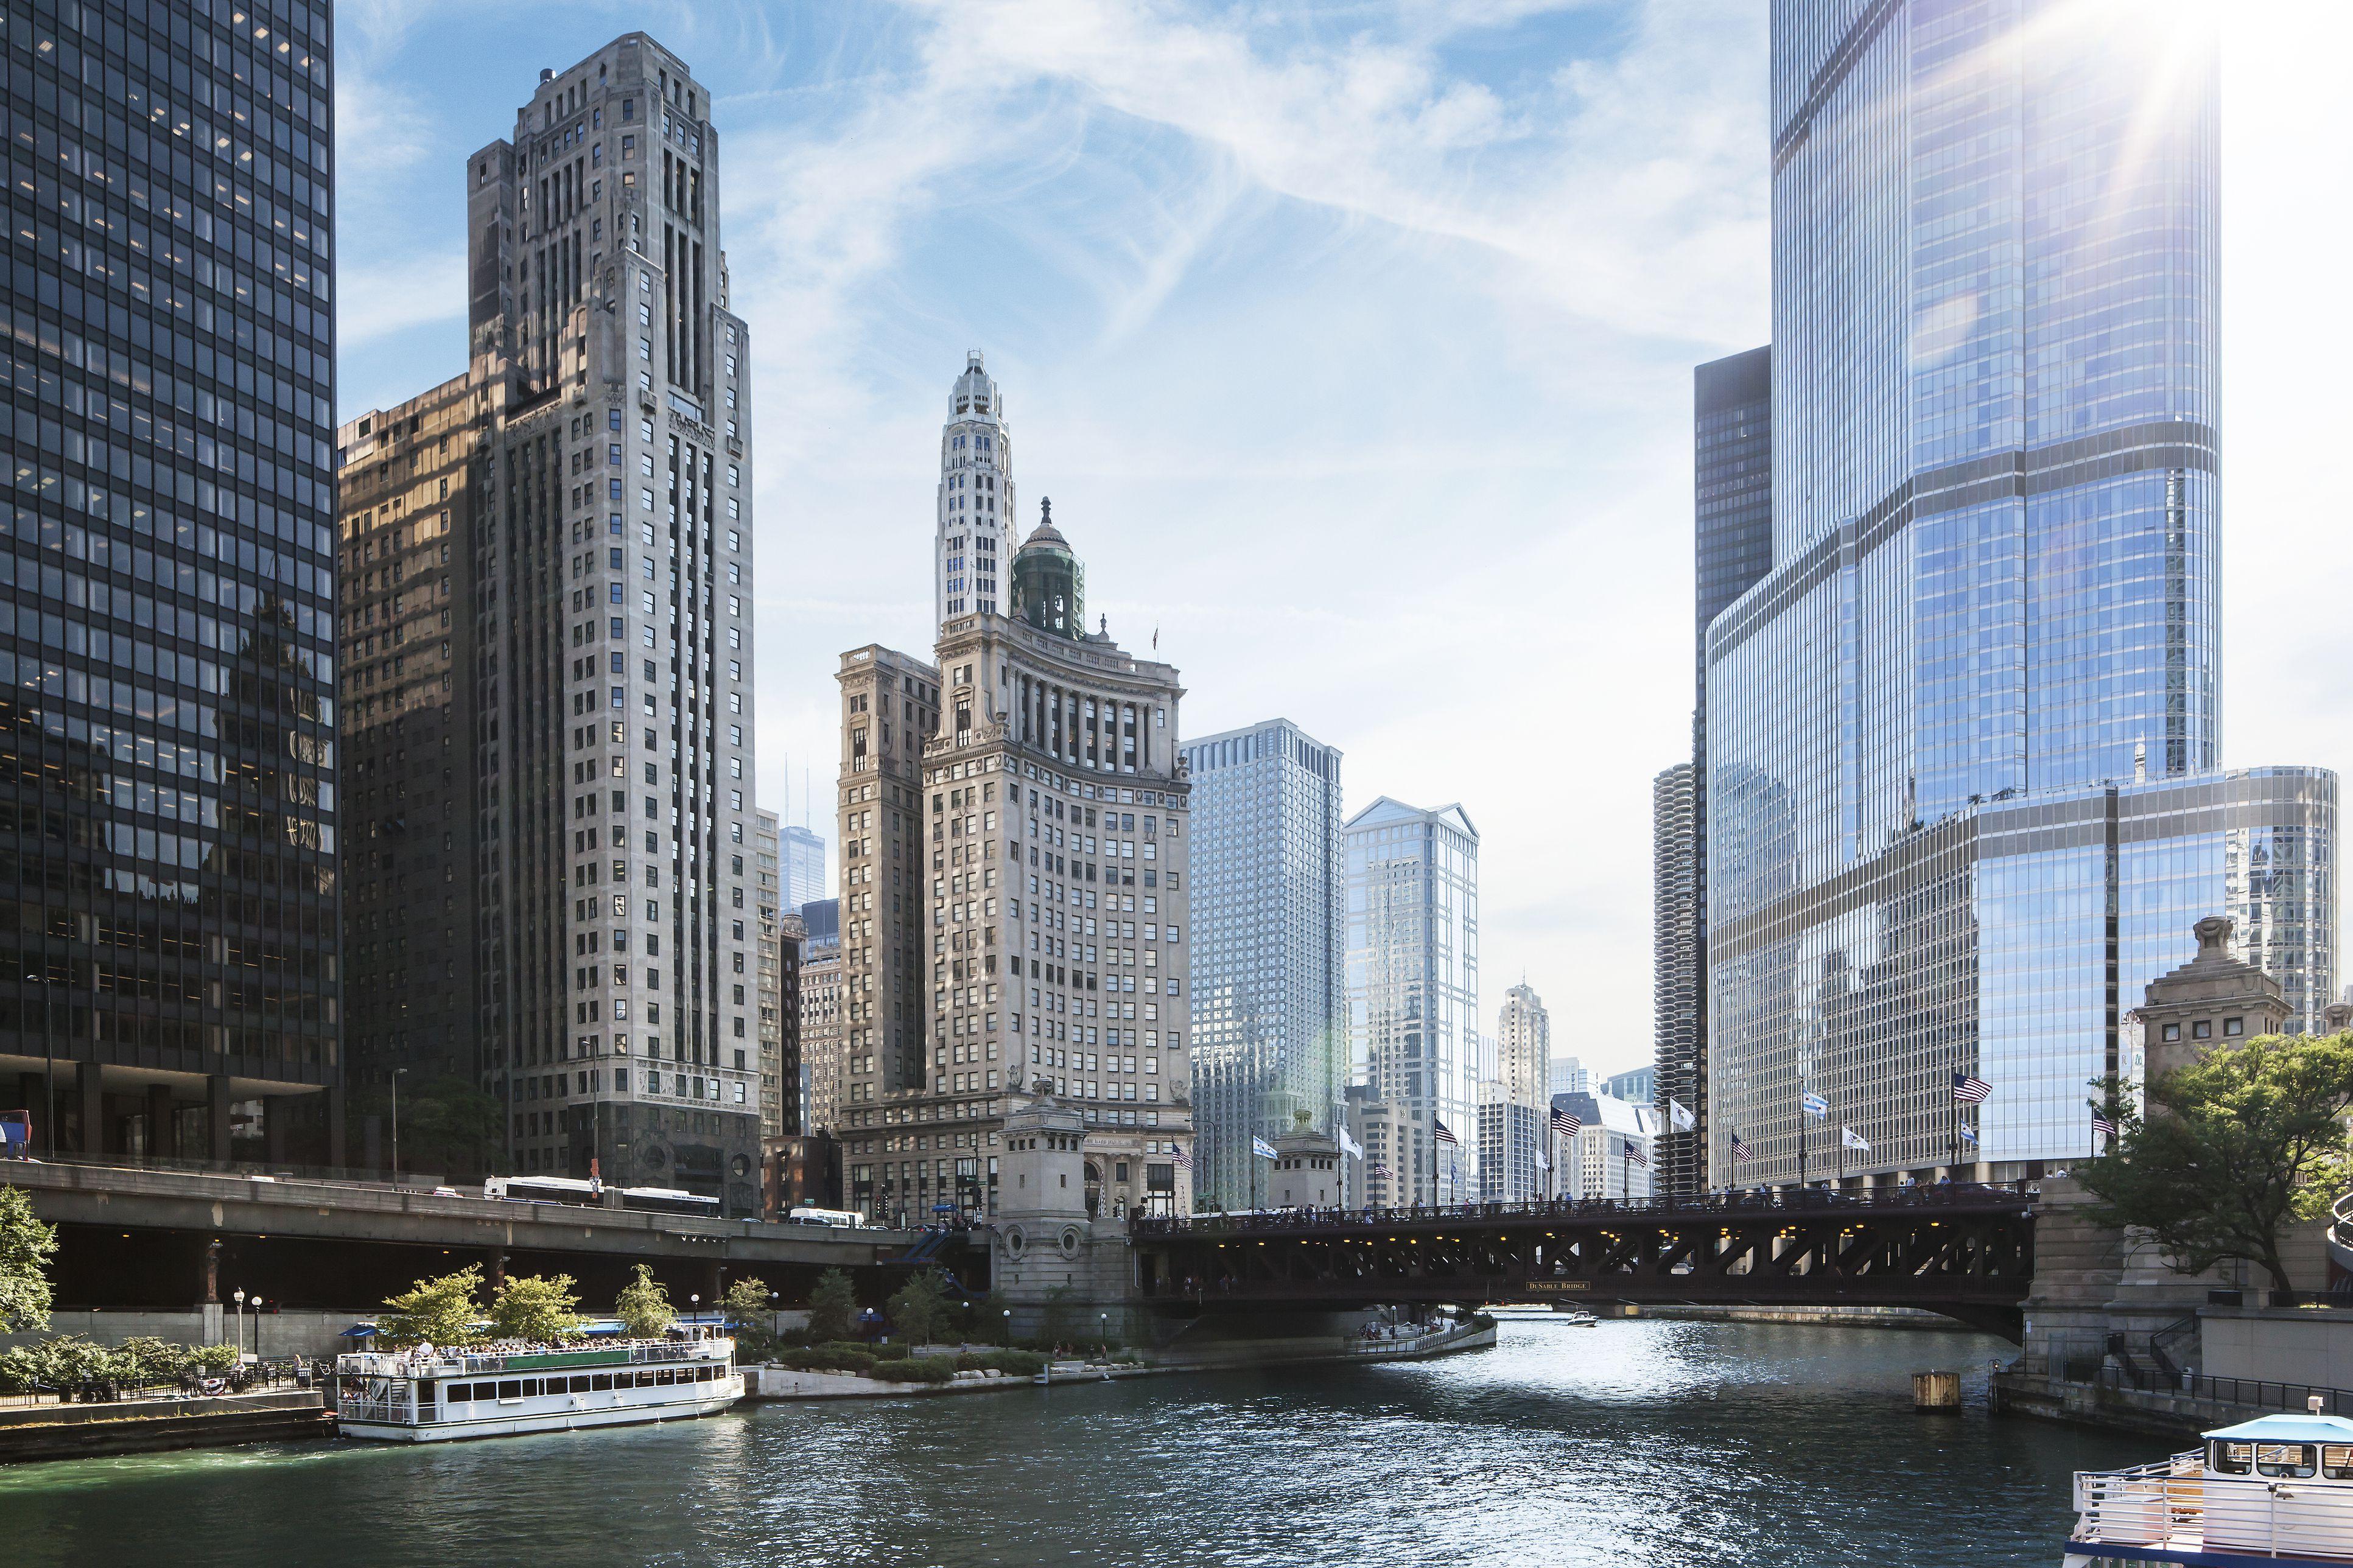 Río Chicago con rascacielos en el fondo